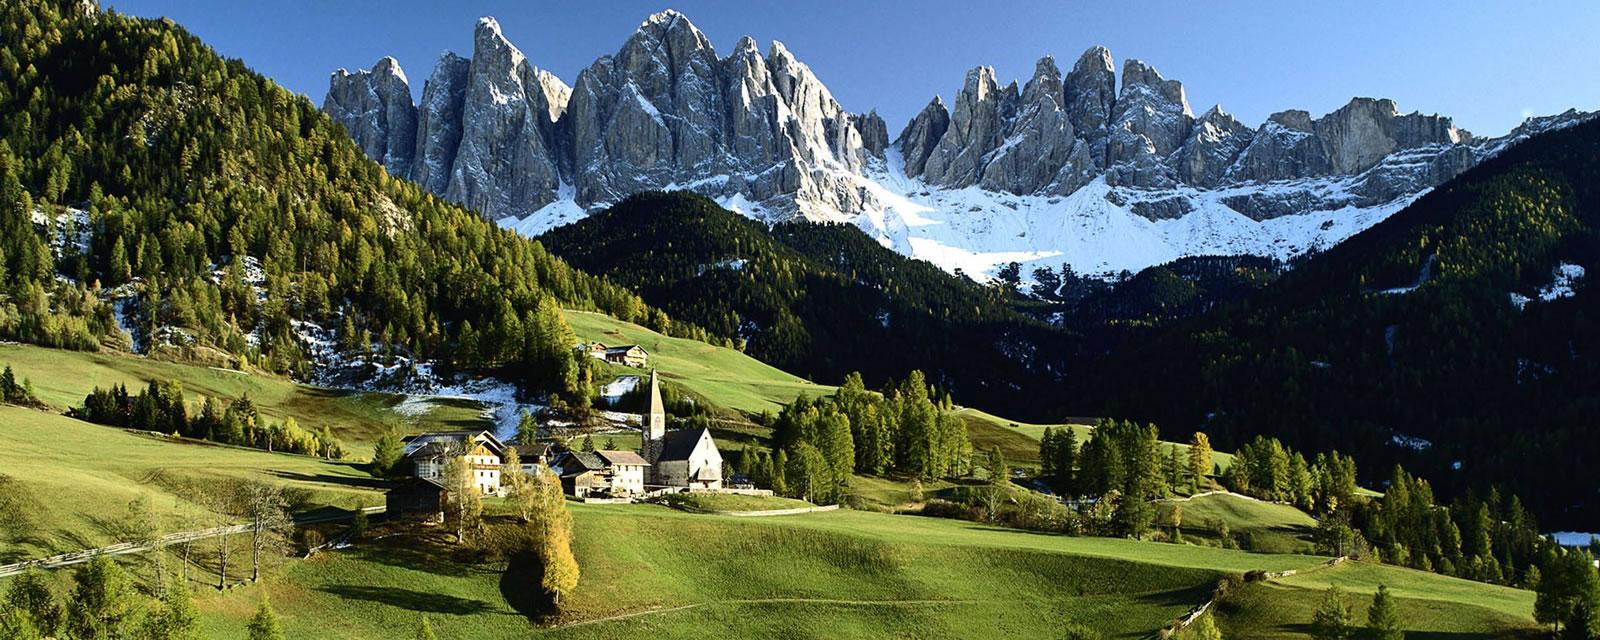 Trentino alto adige apnec for Mobilificio trentino alto adige